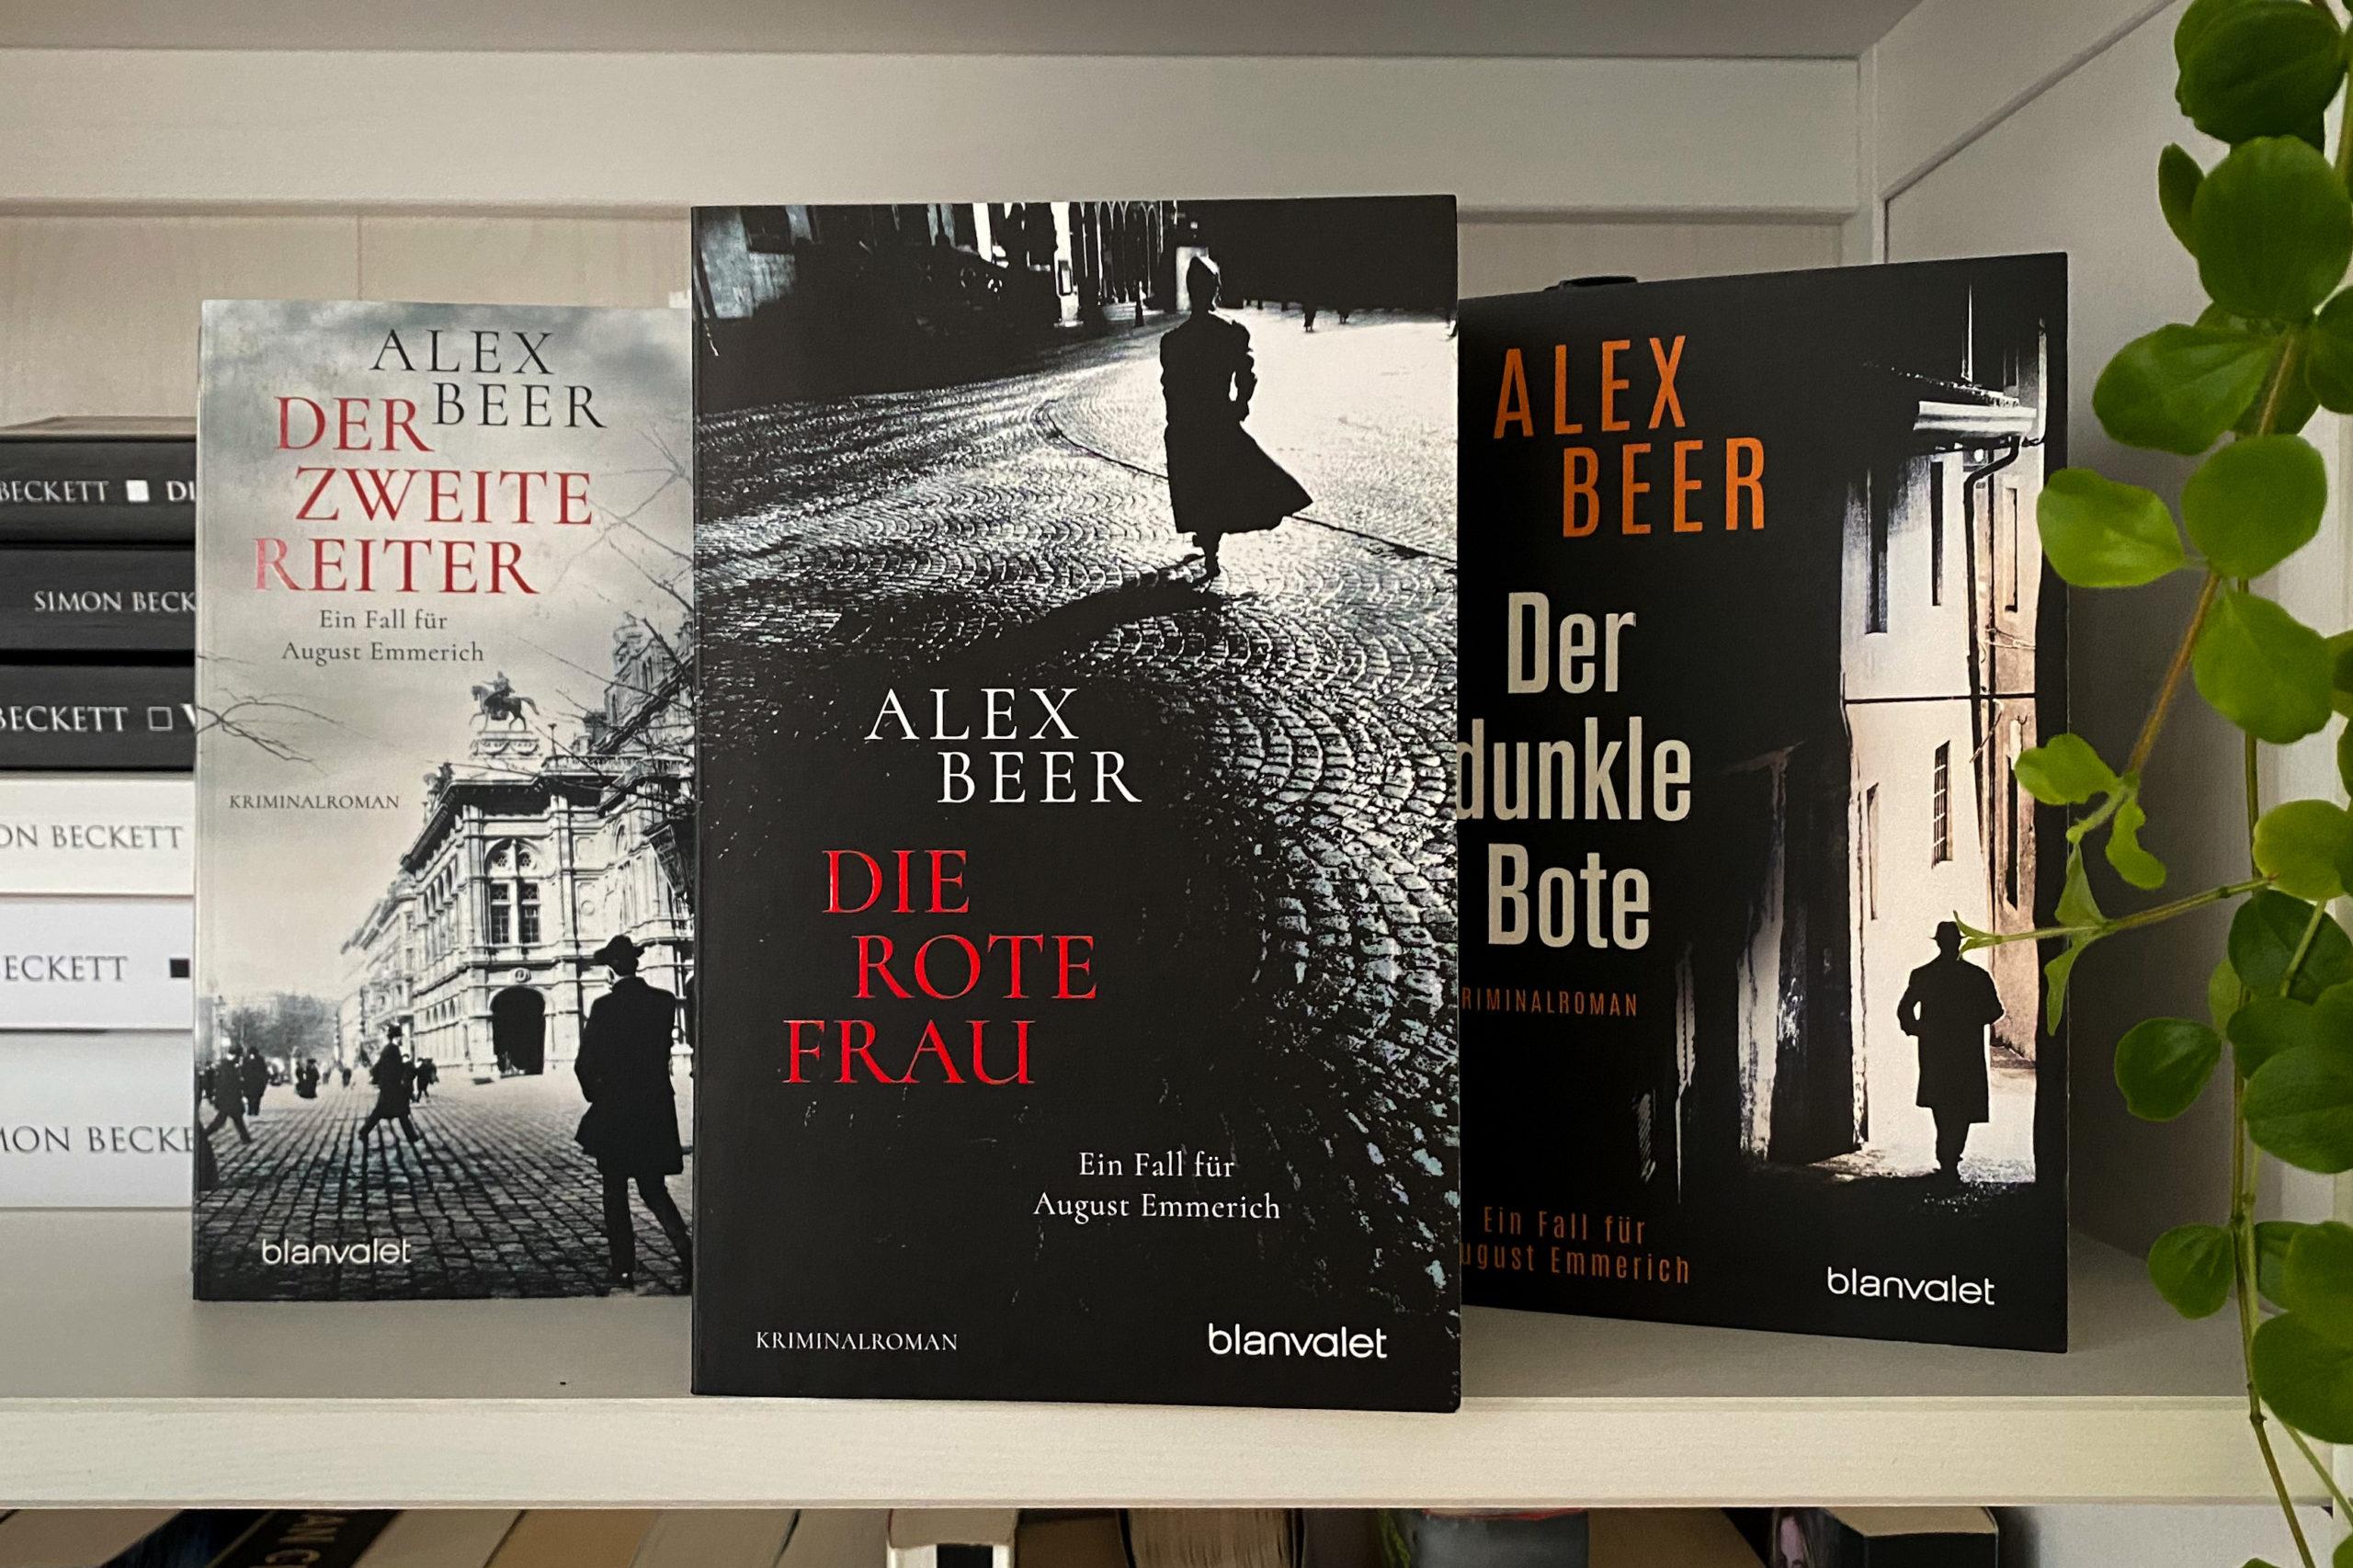 Alex Beer Die rote Frau Wien Erster Weltkrieg Titel